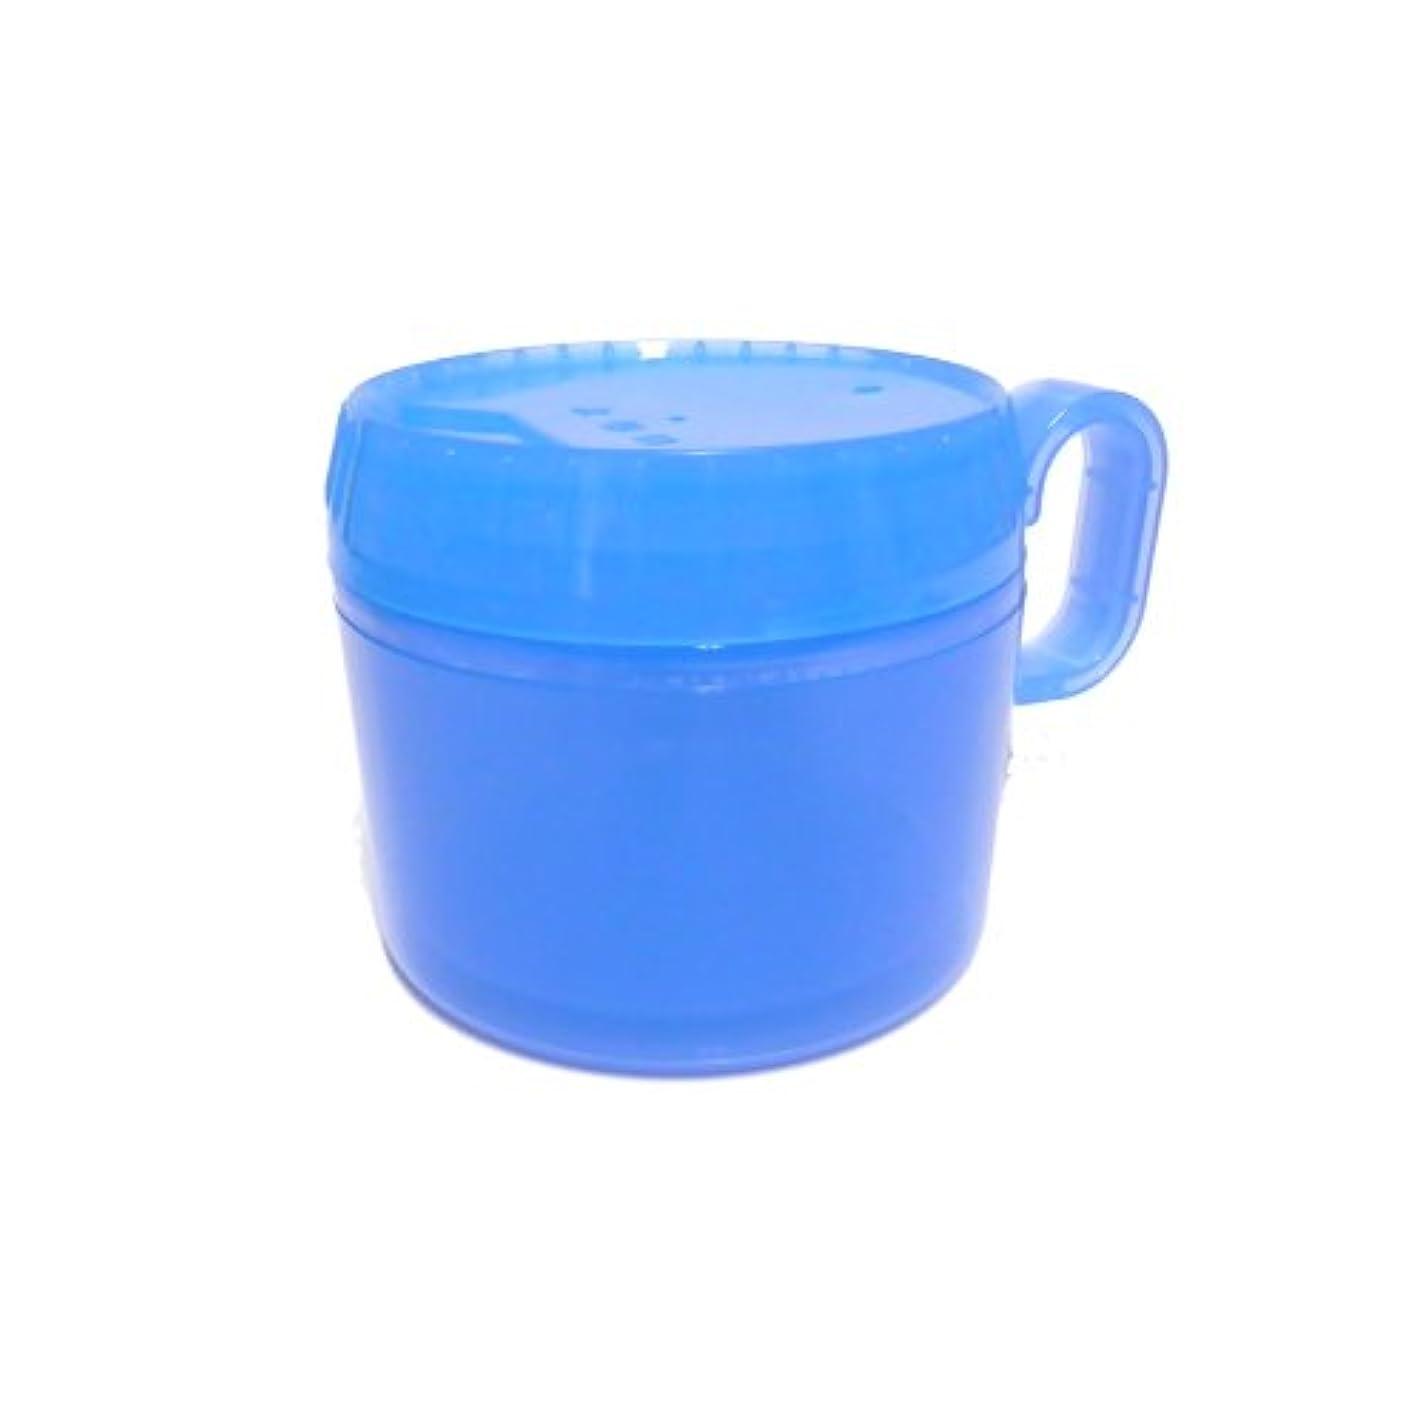 乳製品動員する知覚できるニッシン フィジオ クリーン キラリ 入れ歯 保温洗浄容器